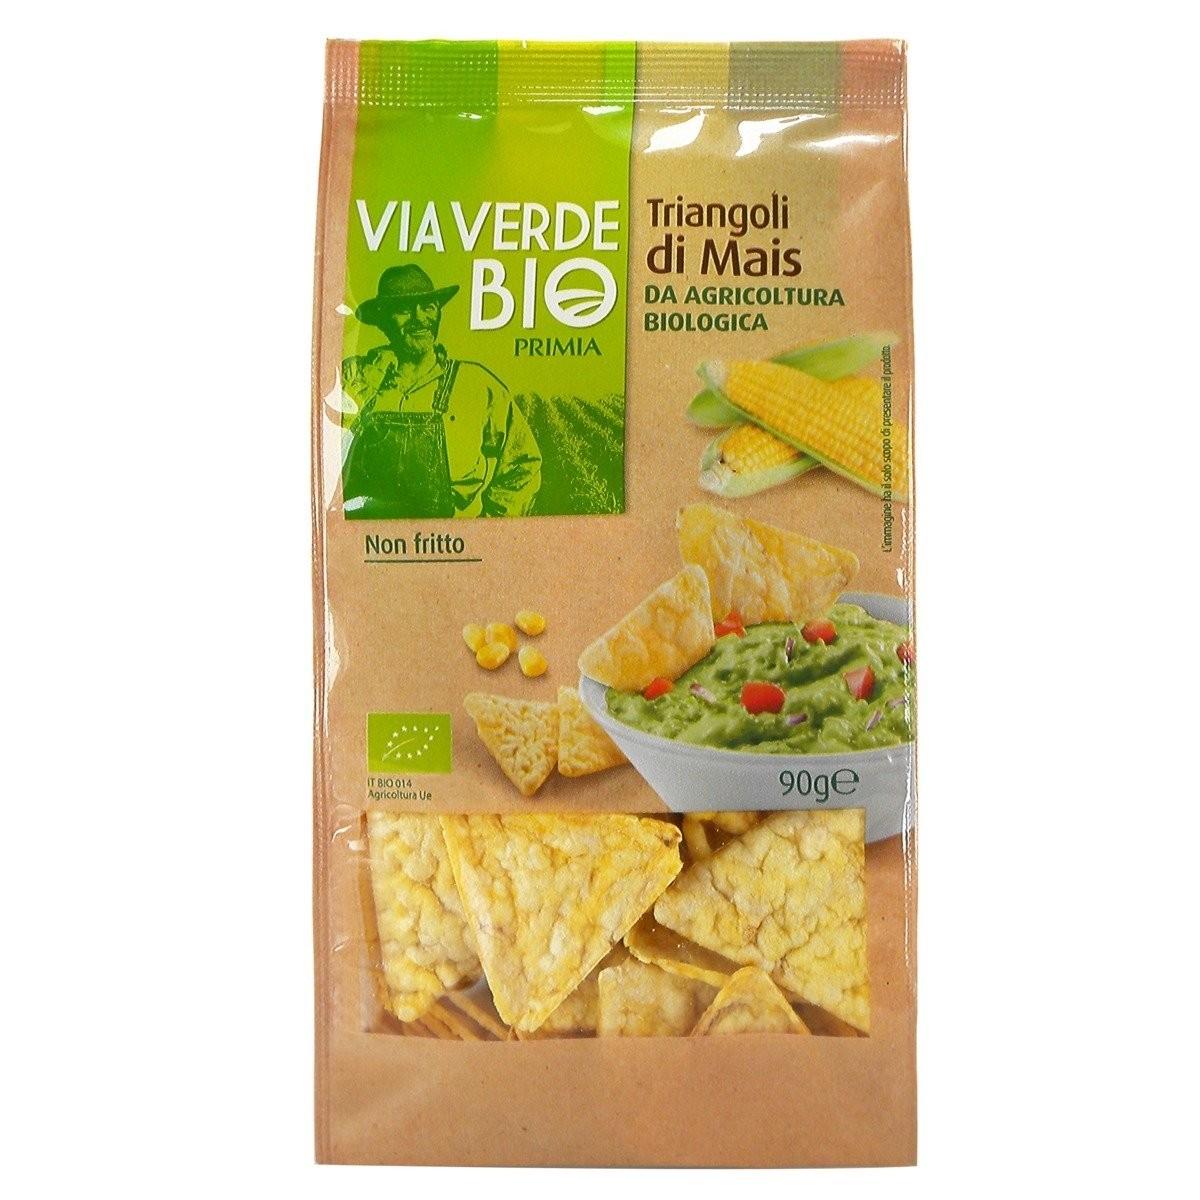 Triangoli di mais Via Verde Bio